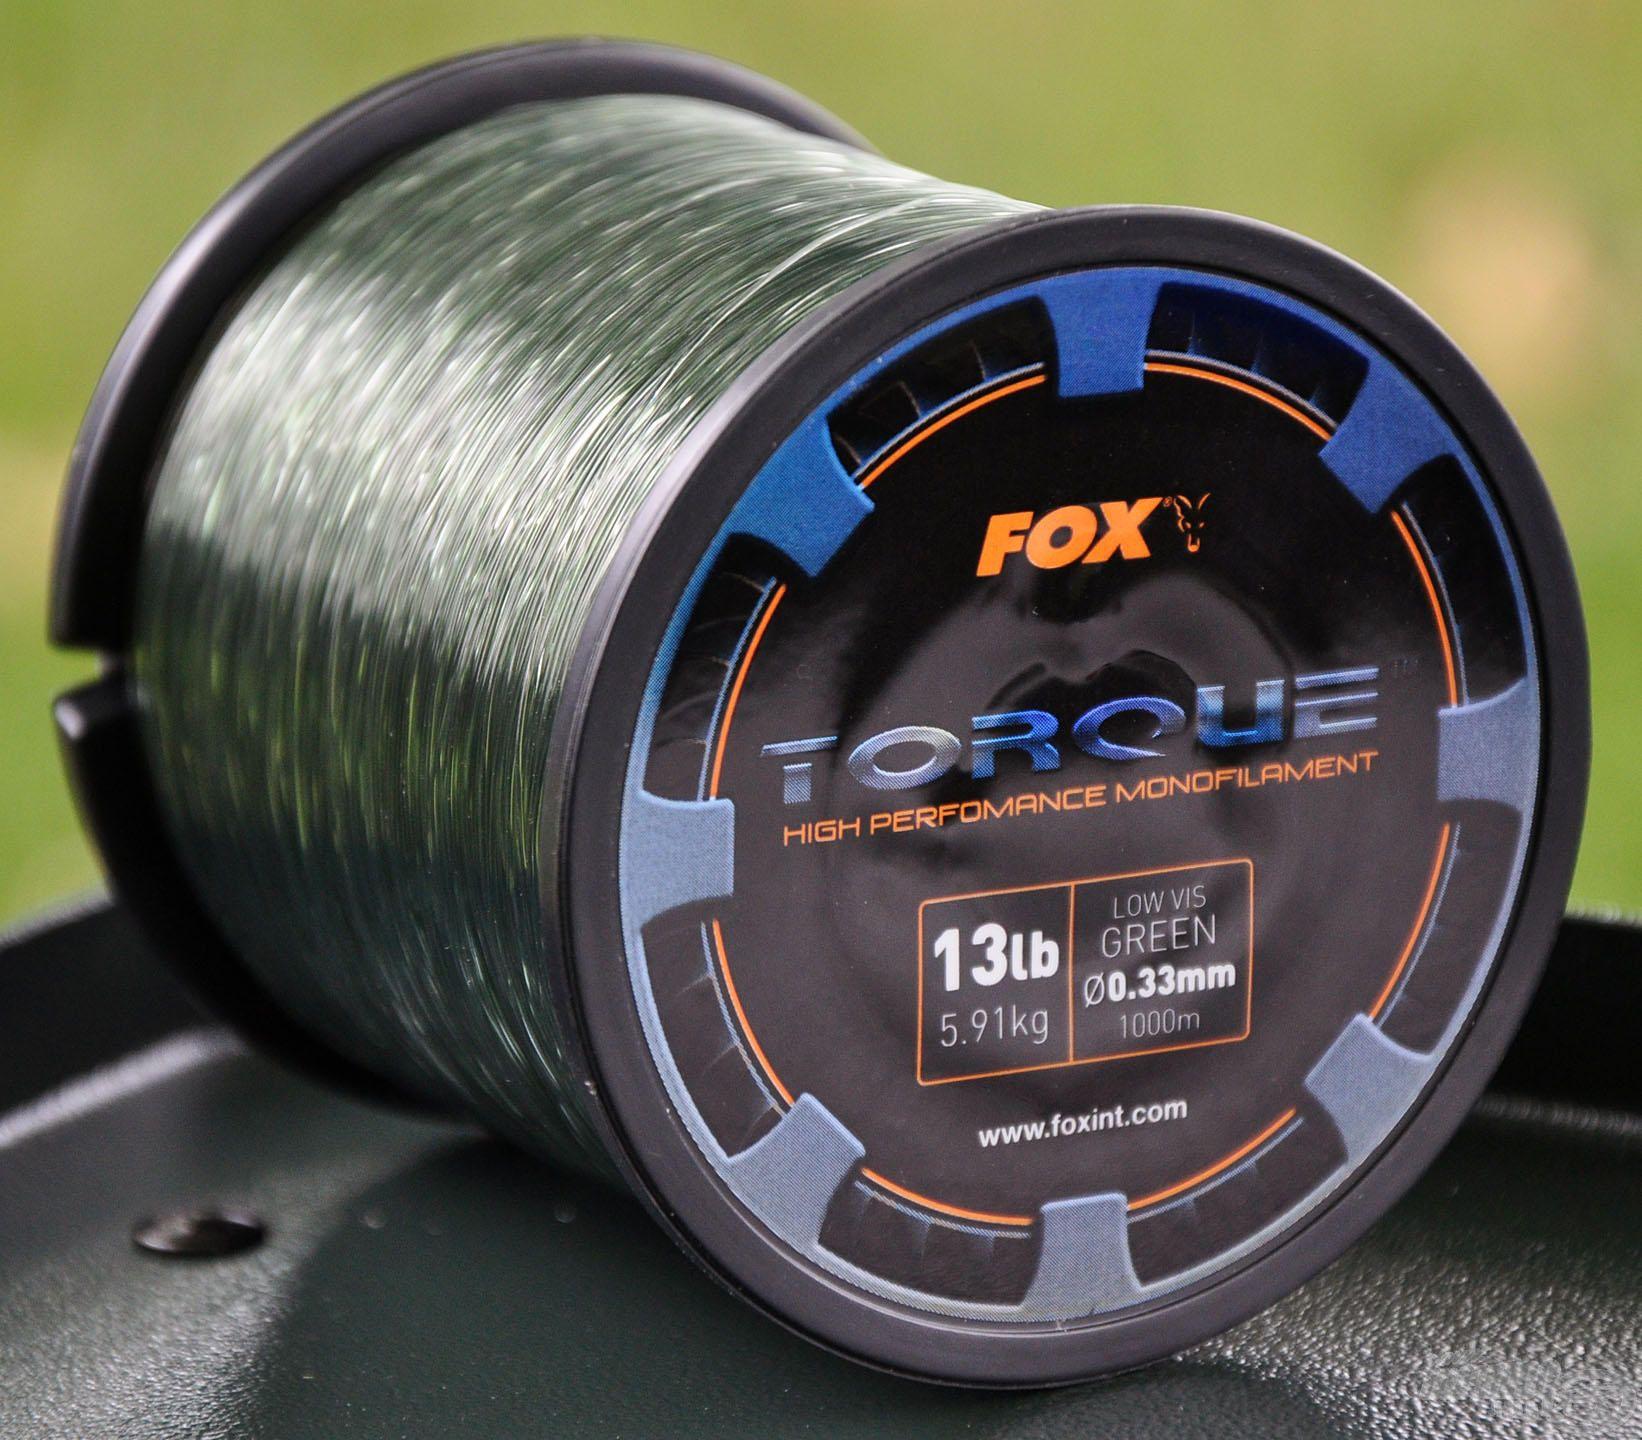 A Fox Torque számos pozitív tulajdonsággal rendelkezik és kifejezetten alkalmas akadós helyeken való horgászatra